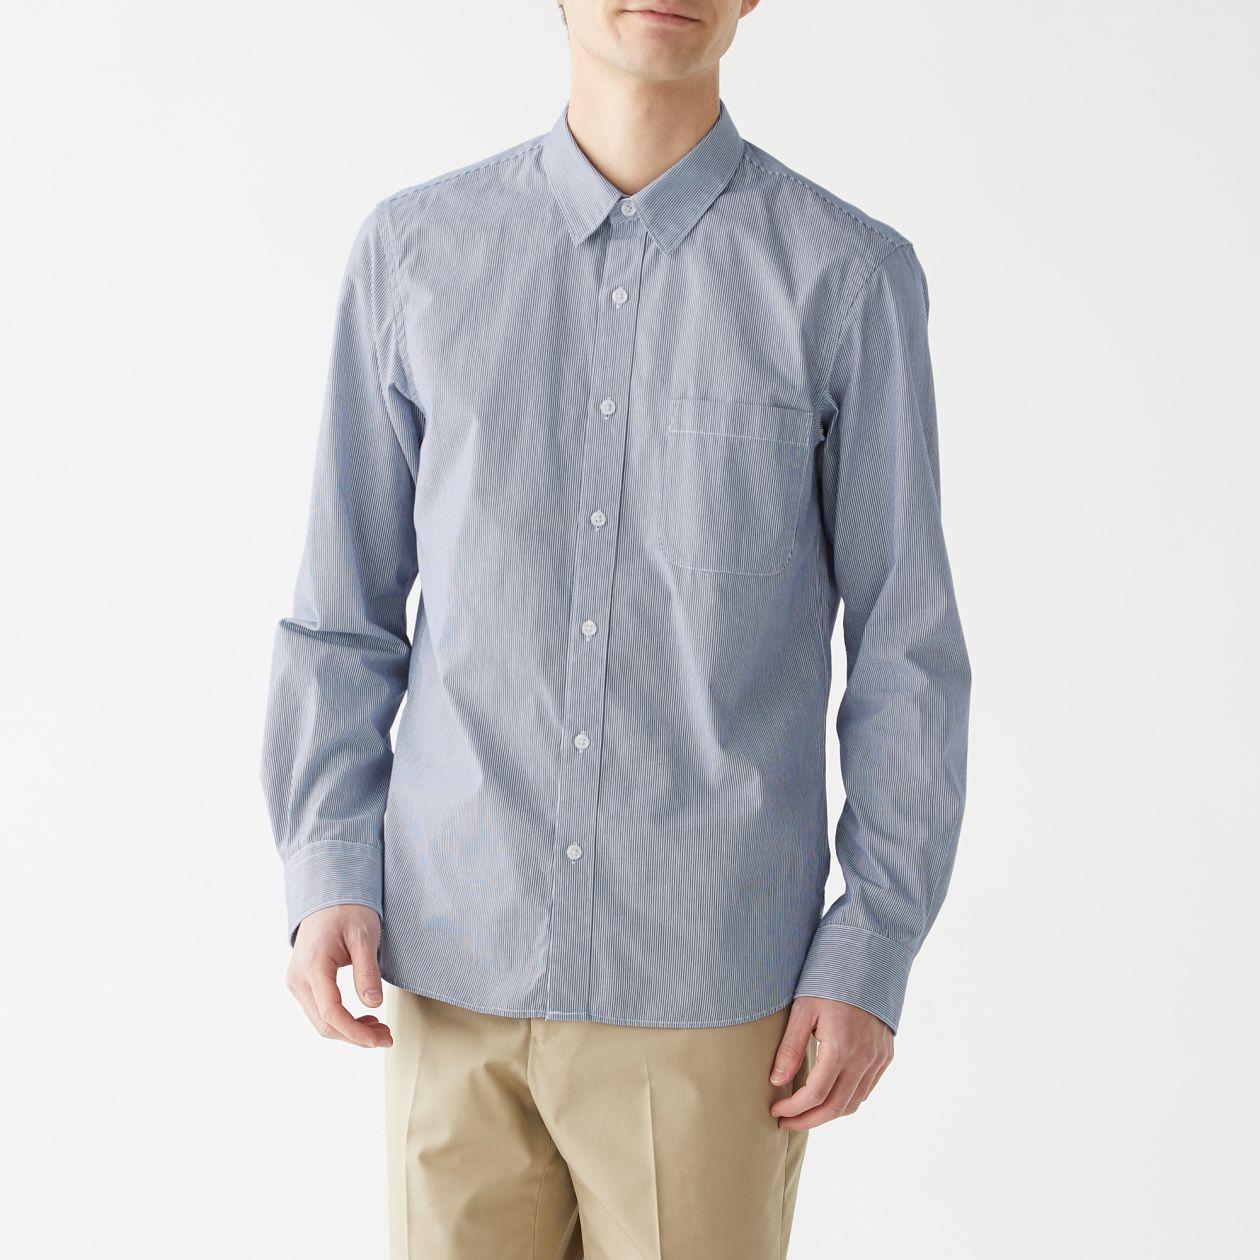 新疆綿洗いざらしブロードストライプシャツ